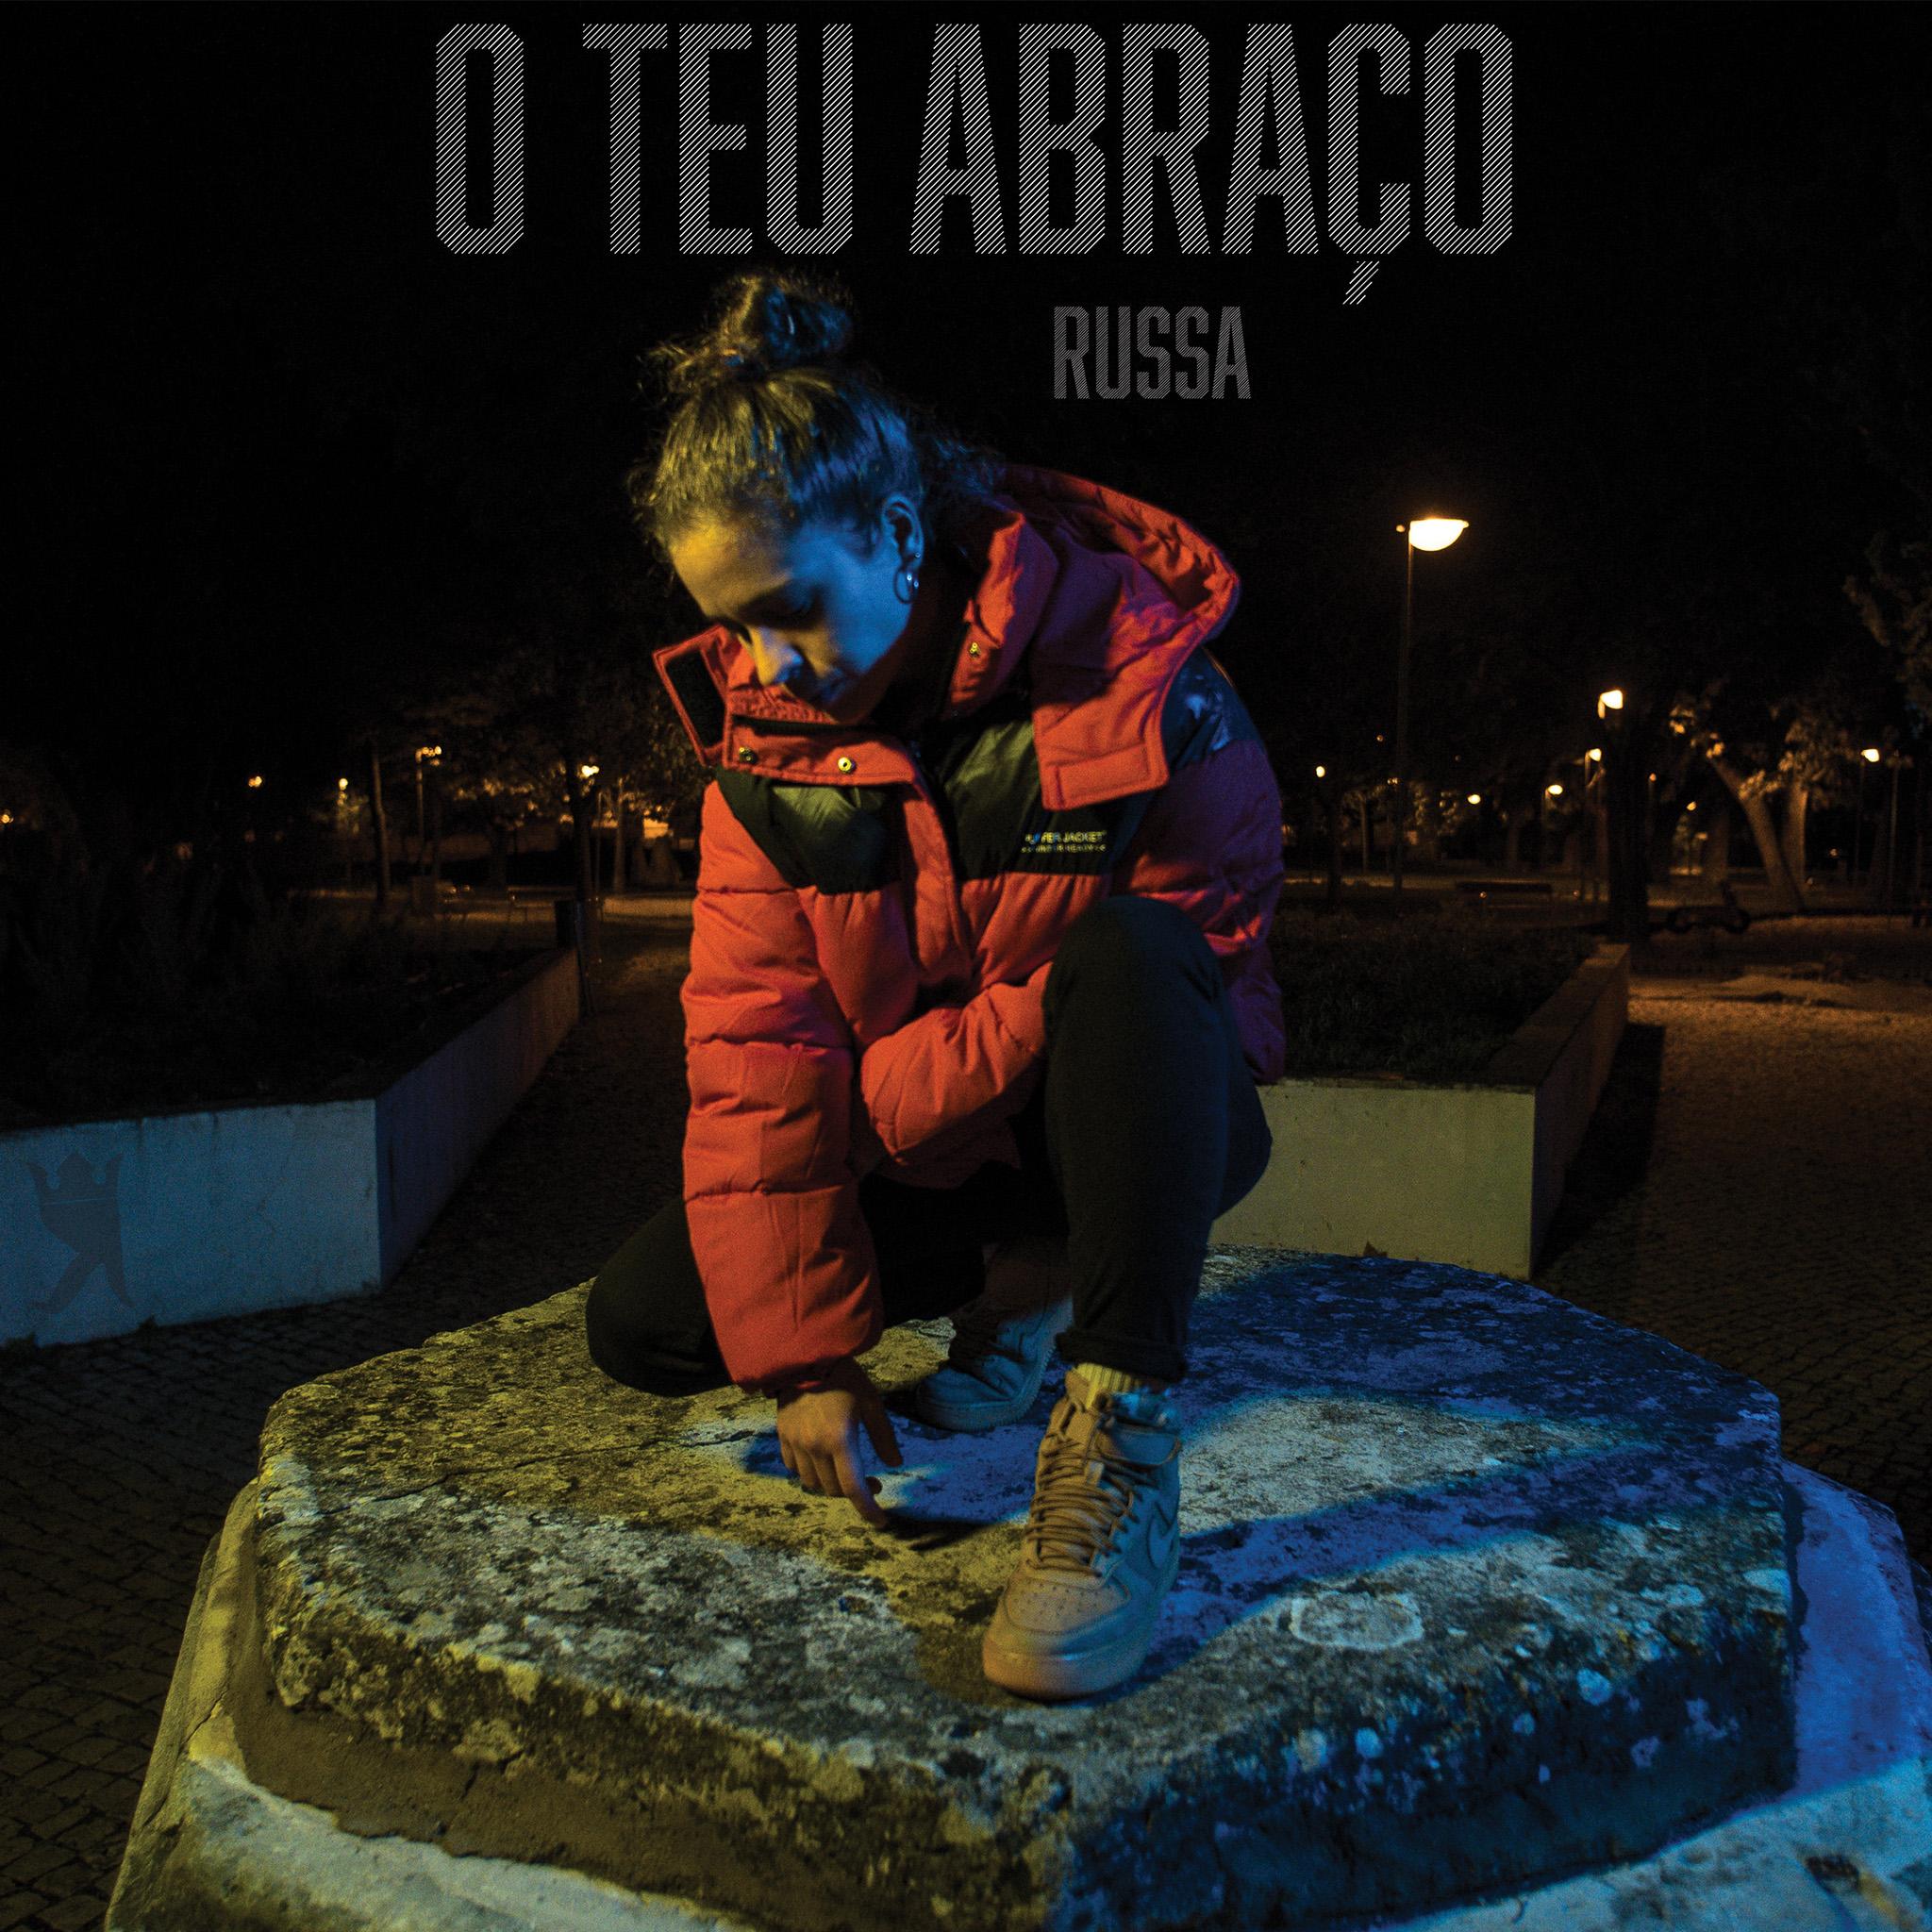 RUSSA - O Teu Abraço